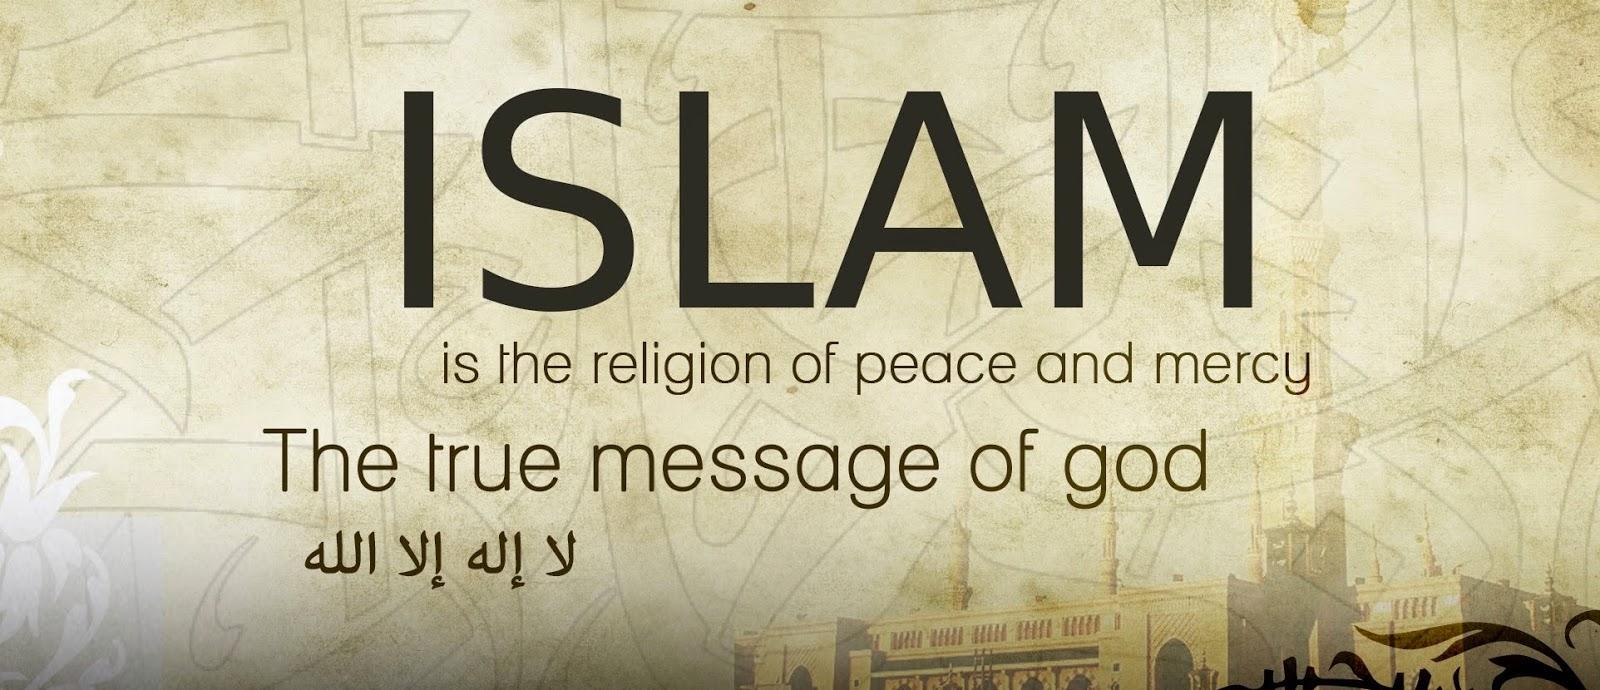 kammi, mahasiswa, islam, indonesia, islam dan perdamaian, islam dan peradaban, mahasiswa islam, dakwah, dakwah kampus, kammi semarang, kammi jateng, semarang, jawa tengah